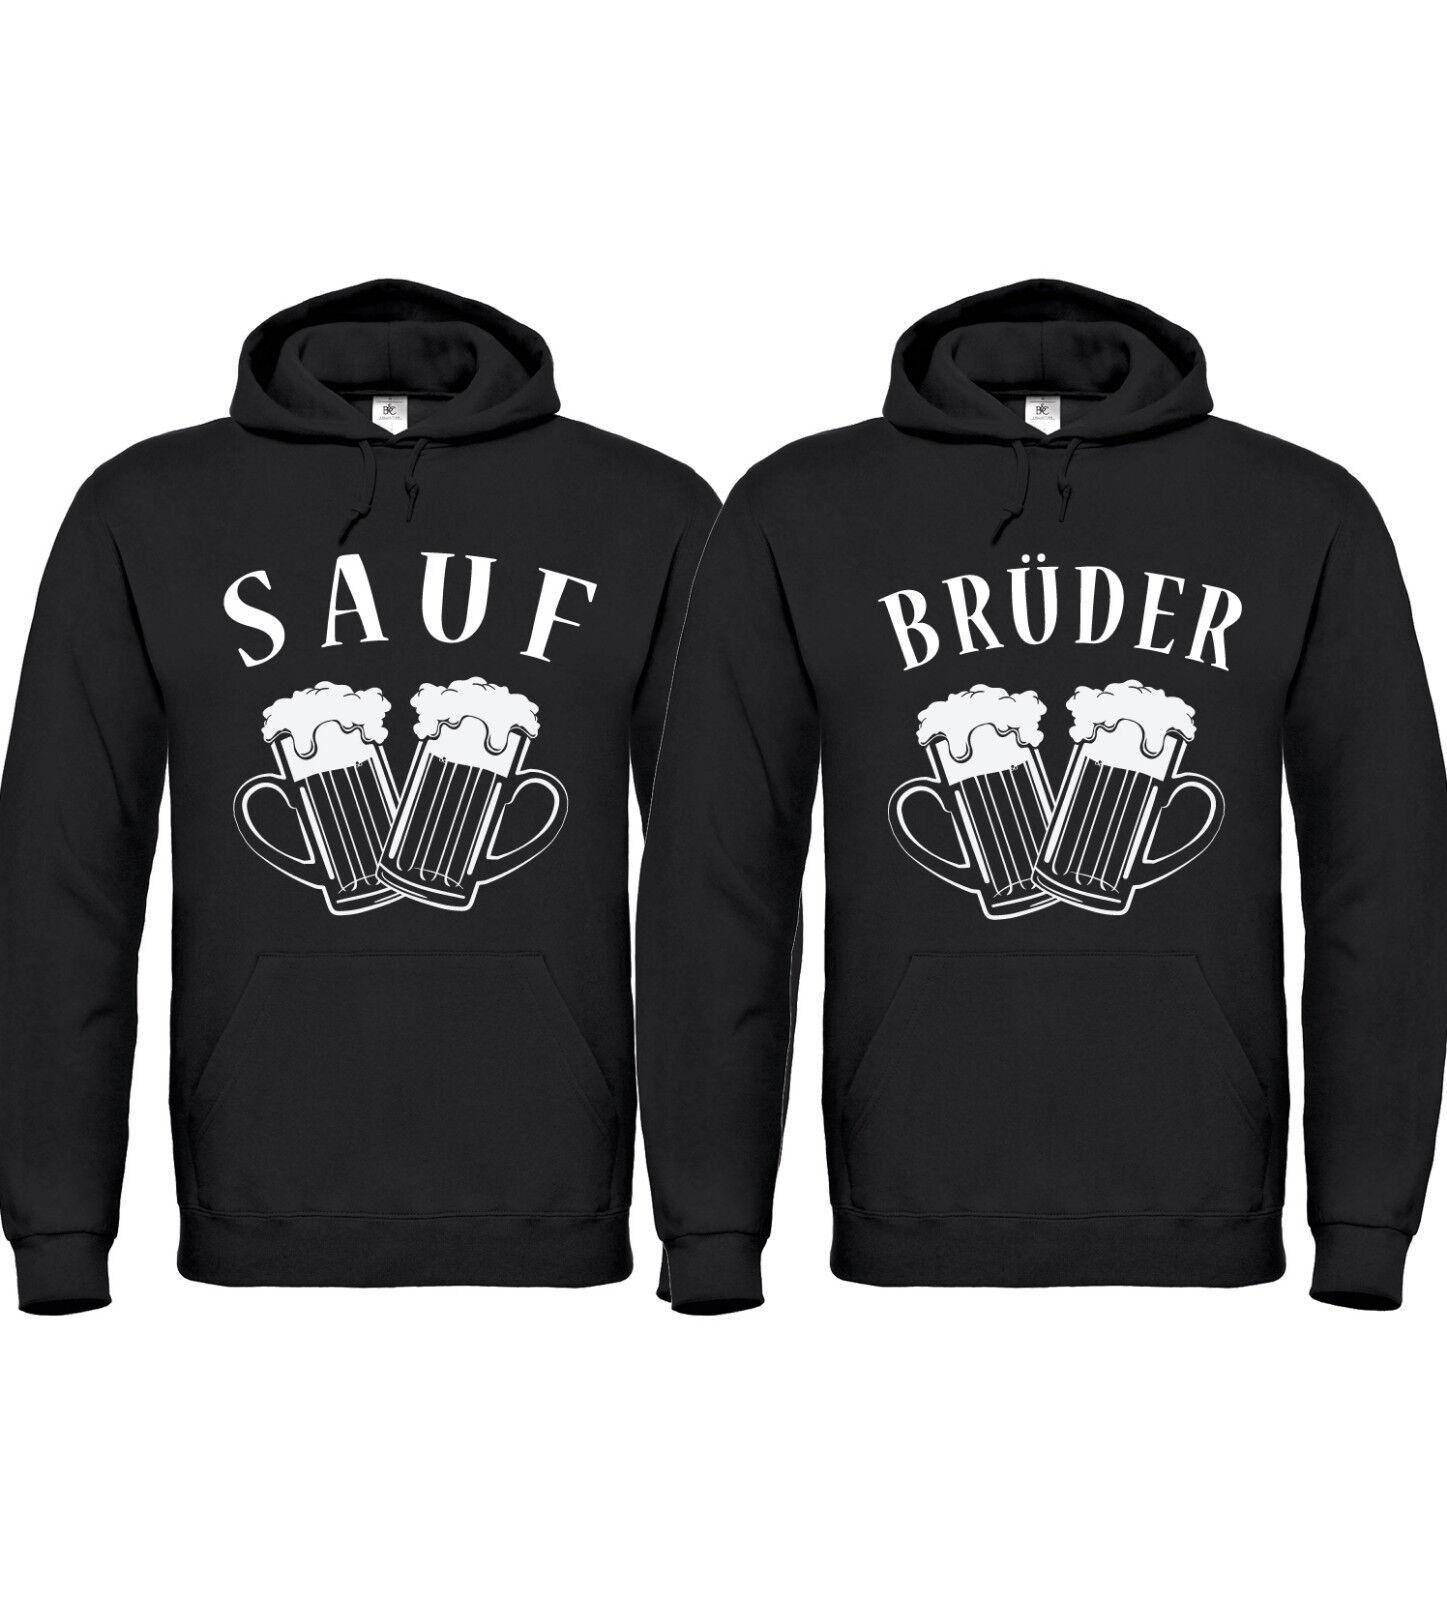 SAUFBRÜDER - Partner Hoodies - - - Friends Freunde Brüder Bier Alkohol Saufen Party   Elegante und robuste Verpackung  5ae20c